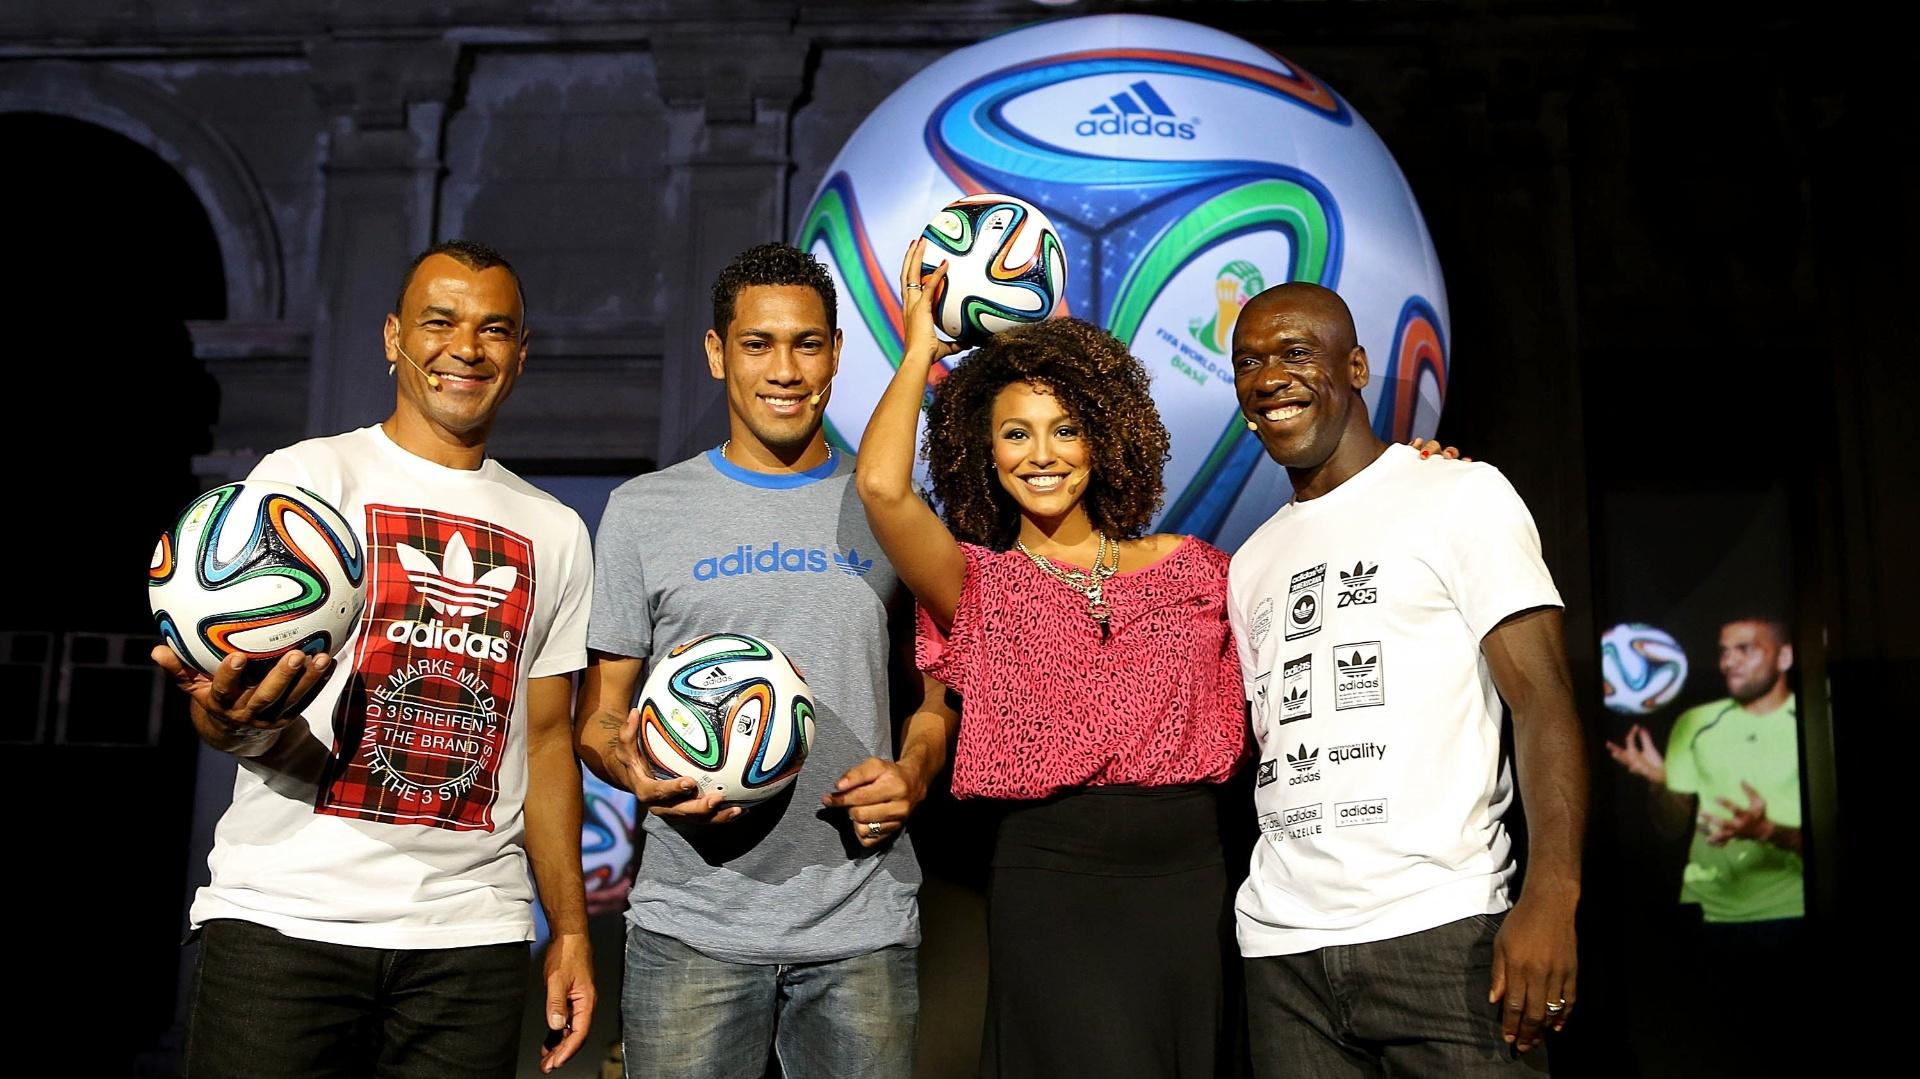 03.dez.2013 - Cafu, Hernane, Sheron Menezes e Seedorf posam com a bola da Copa de 2014 em evento no Rio de Janeiro